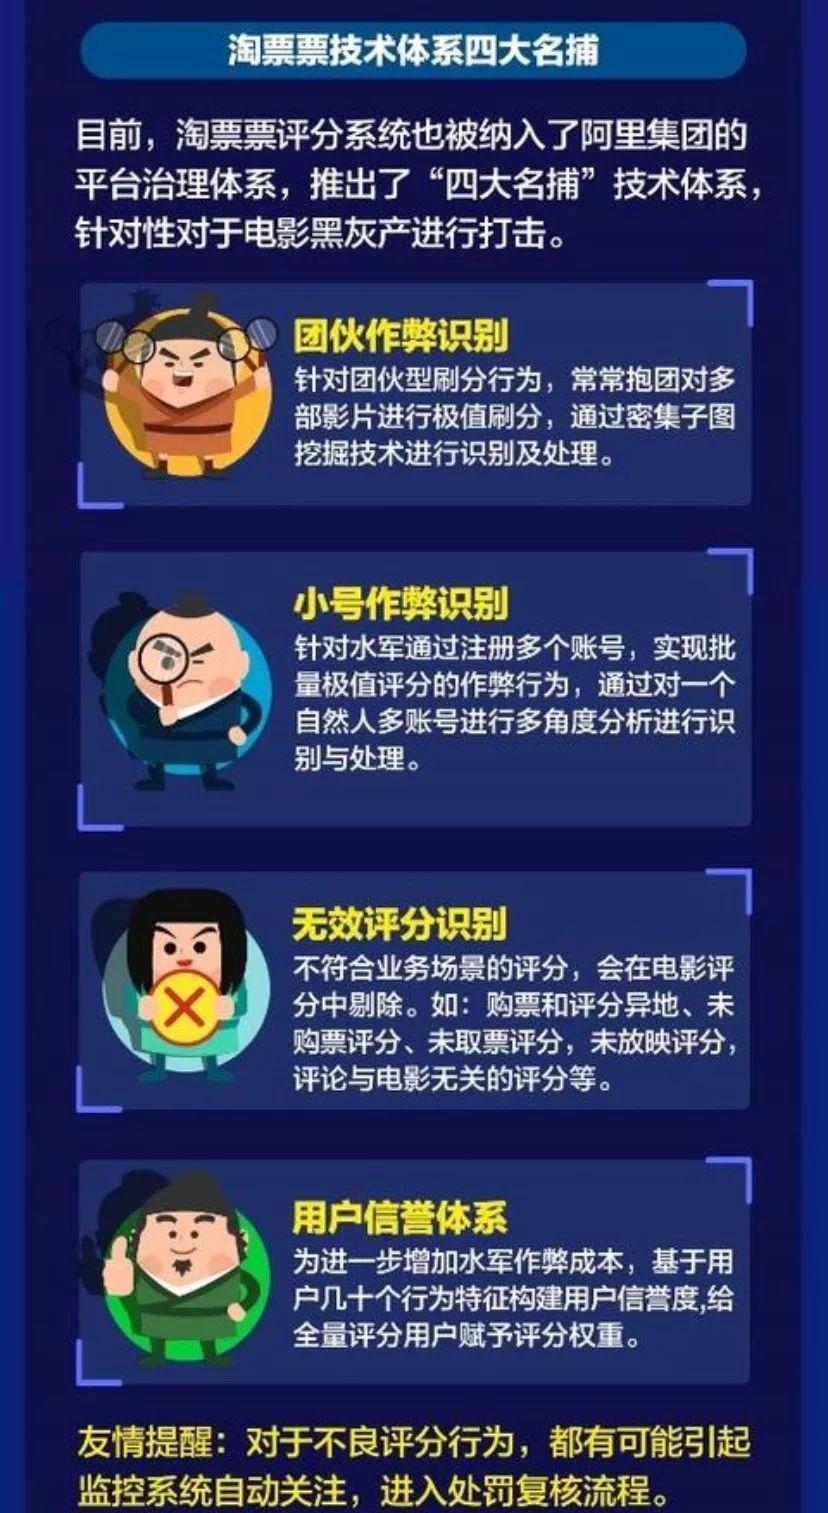 """電影界""""四大名捕"""" 打擊刷分黑產"""